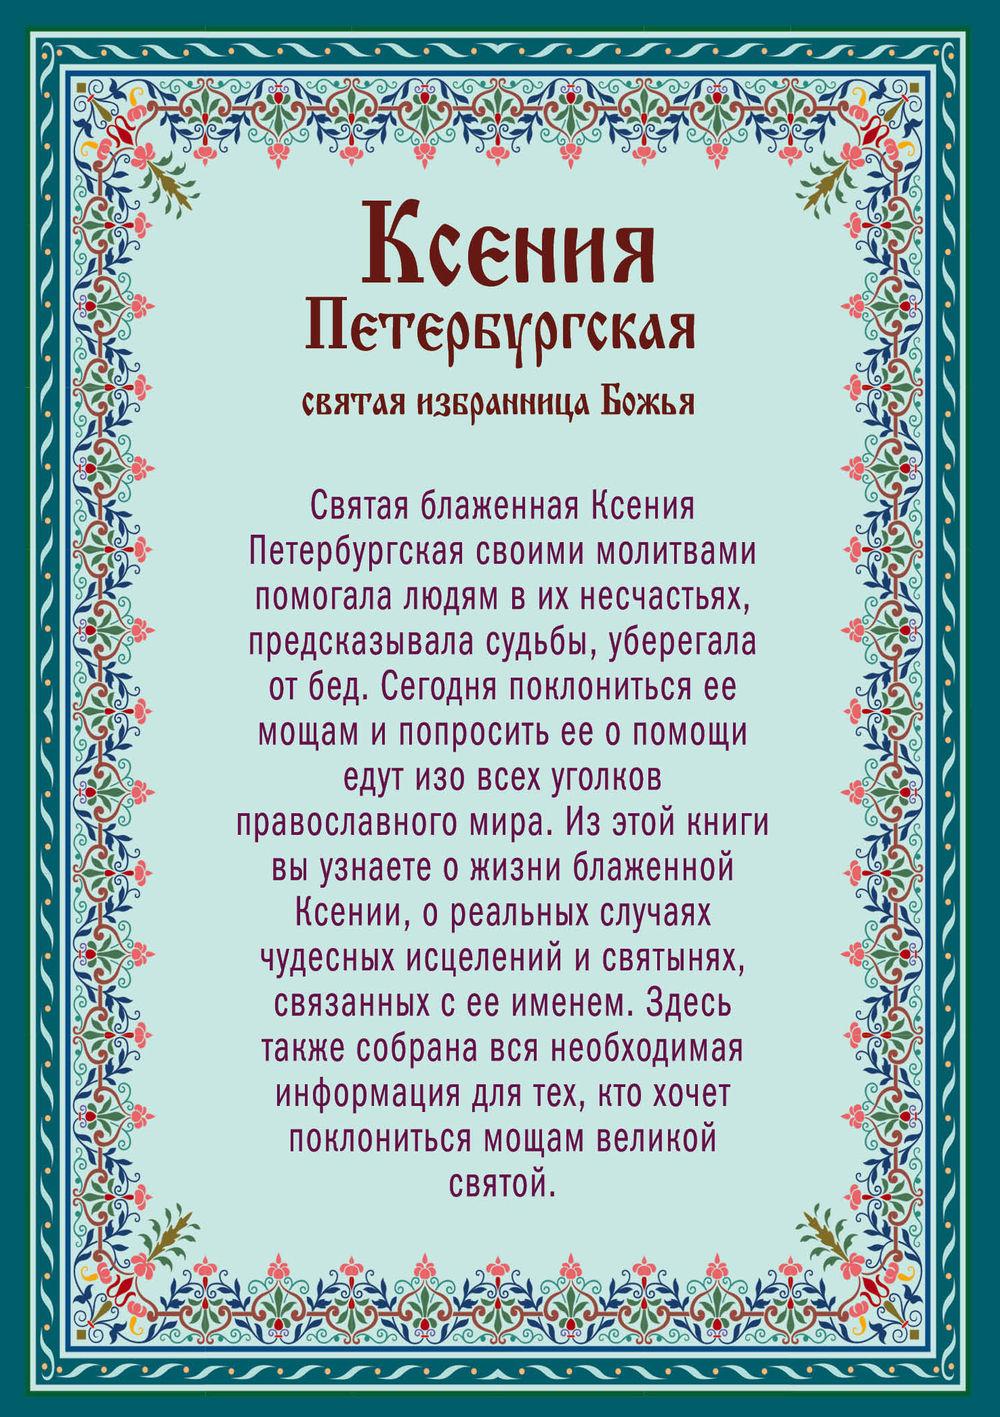 Как писать письмо ксении петербургской